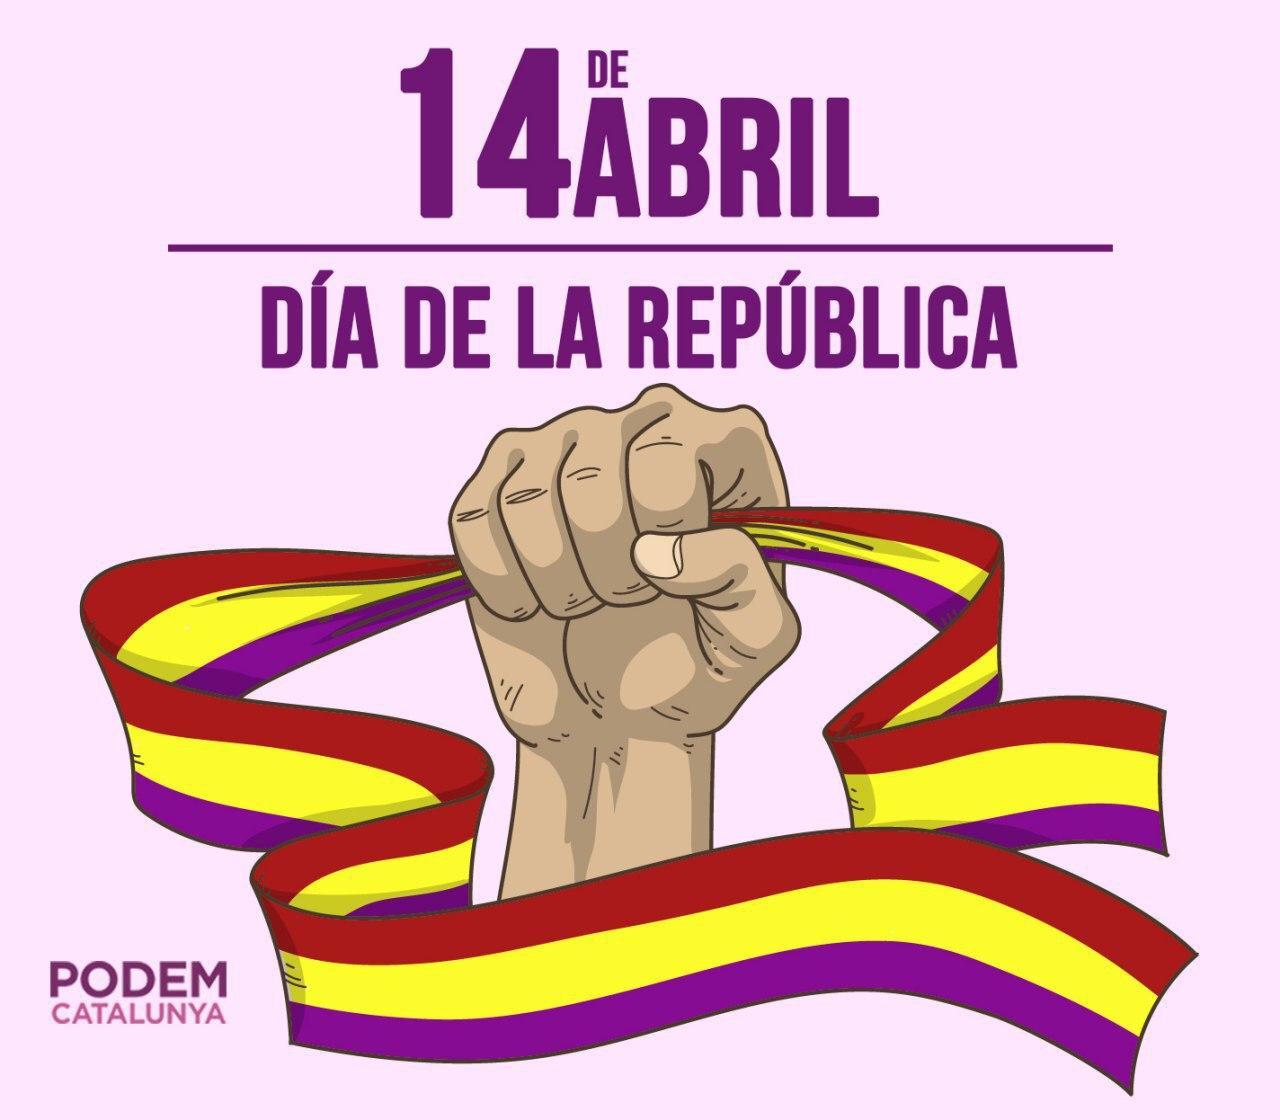 Per la igualtat, la llibertat i la fraternidad, per una república al servei de les persones